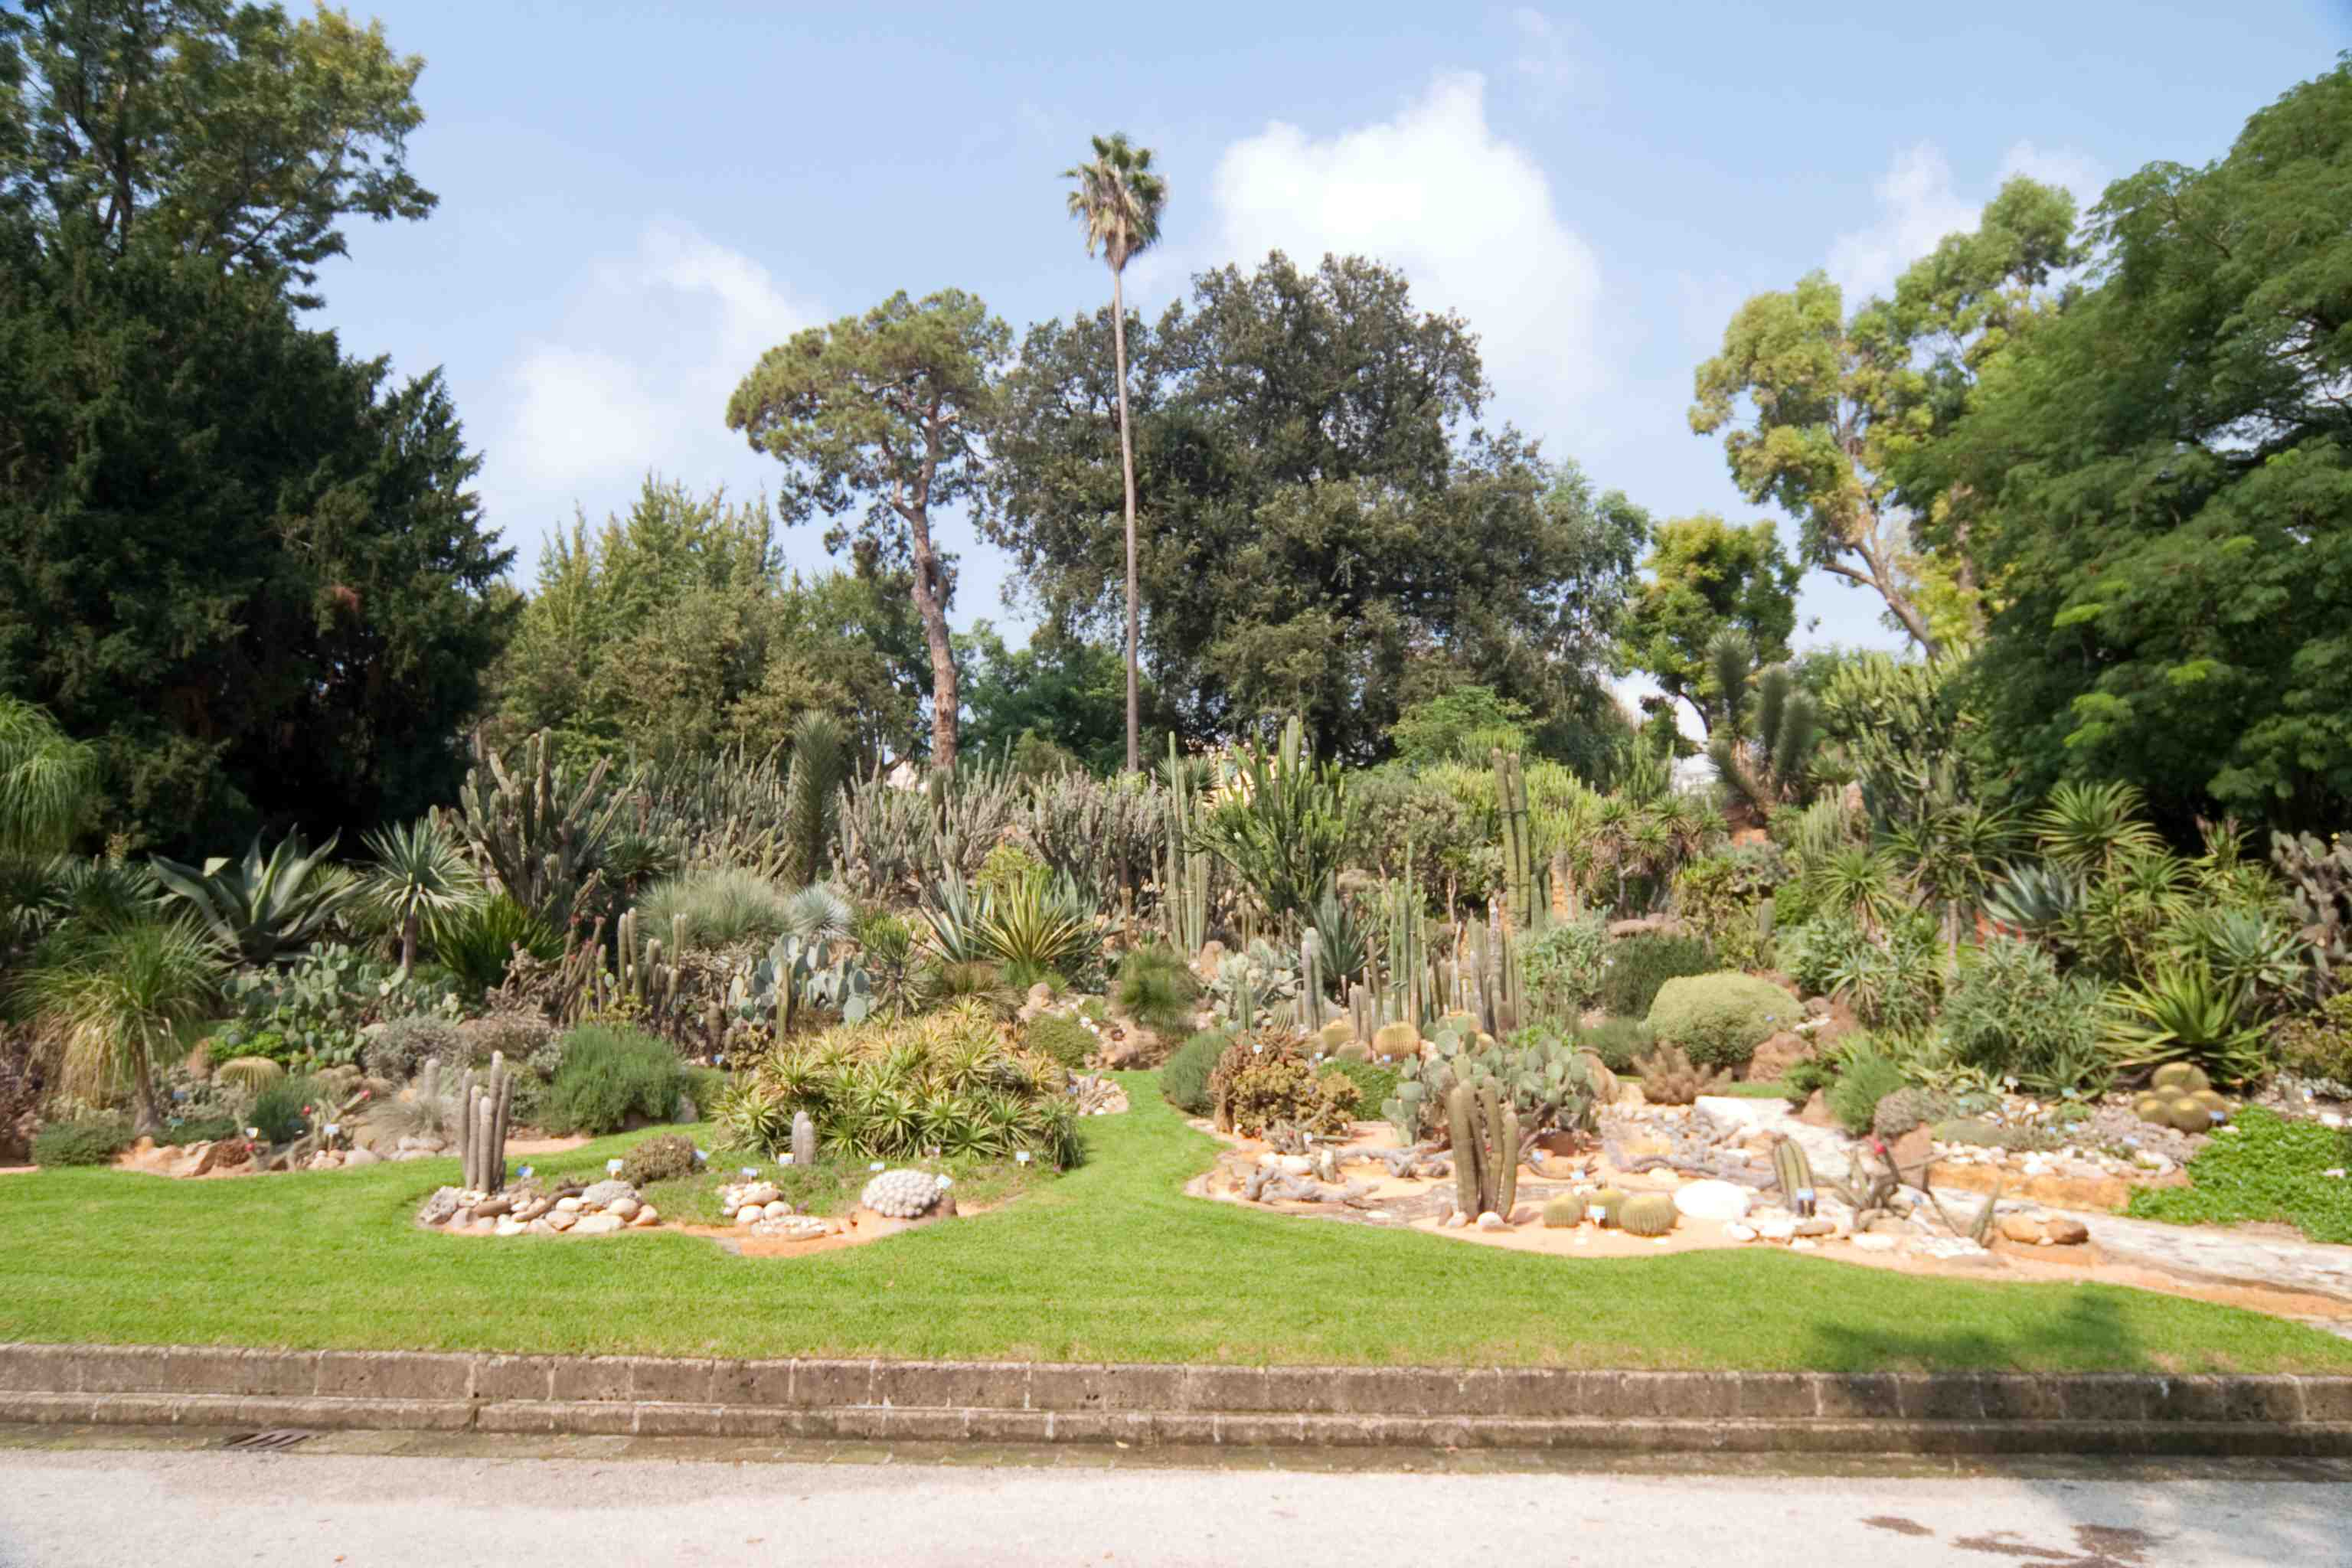 Real Orto Botanico di Napoli, apertura straordinaria l'8 marzo